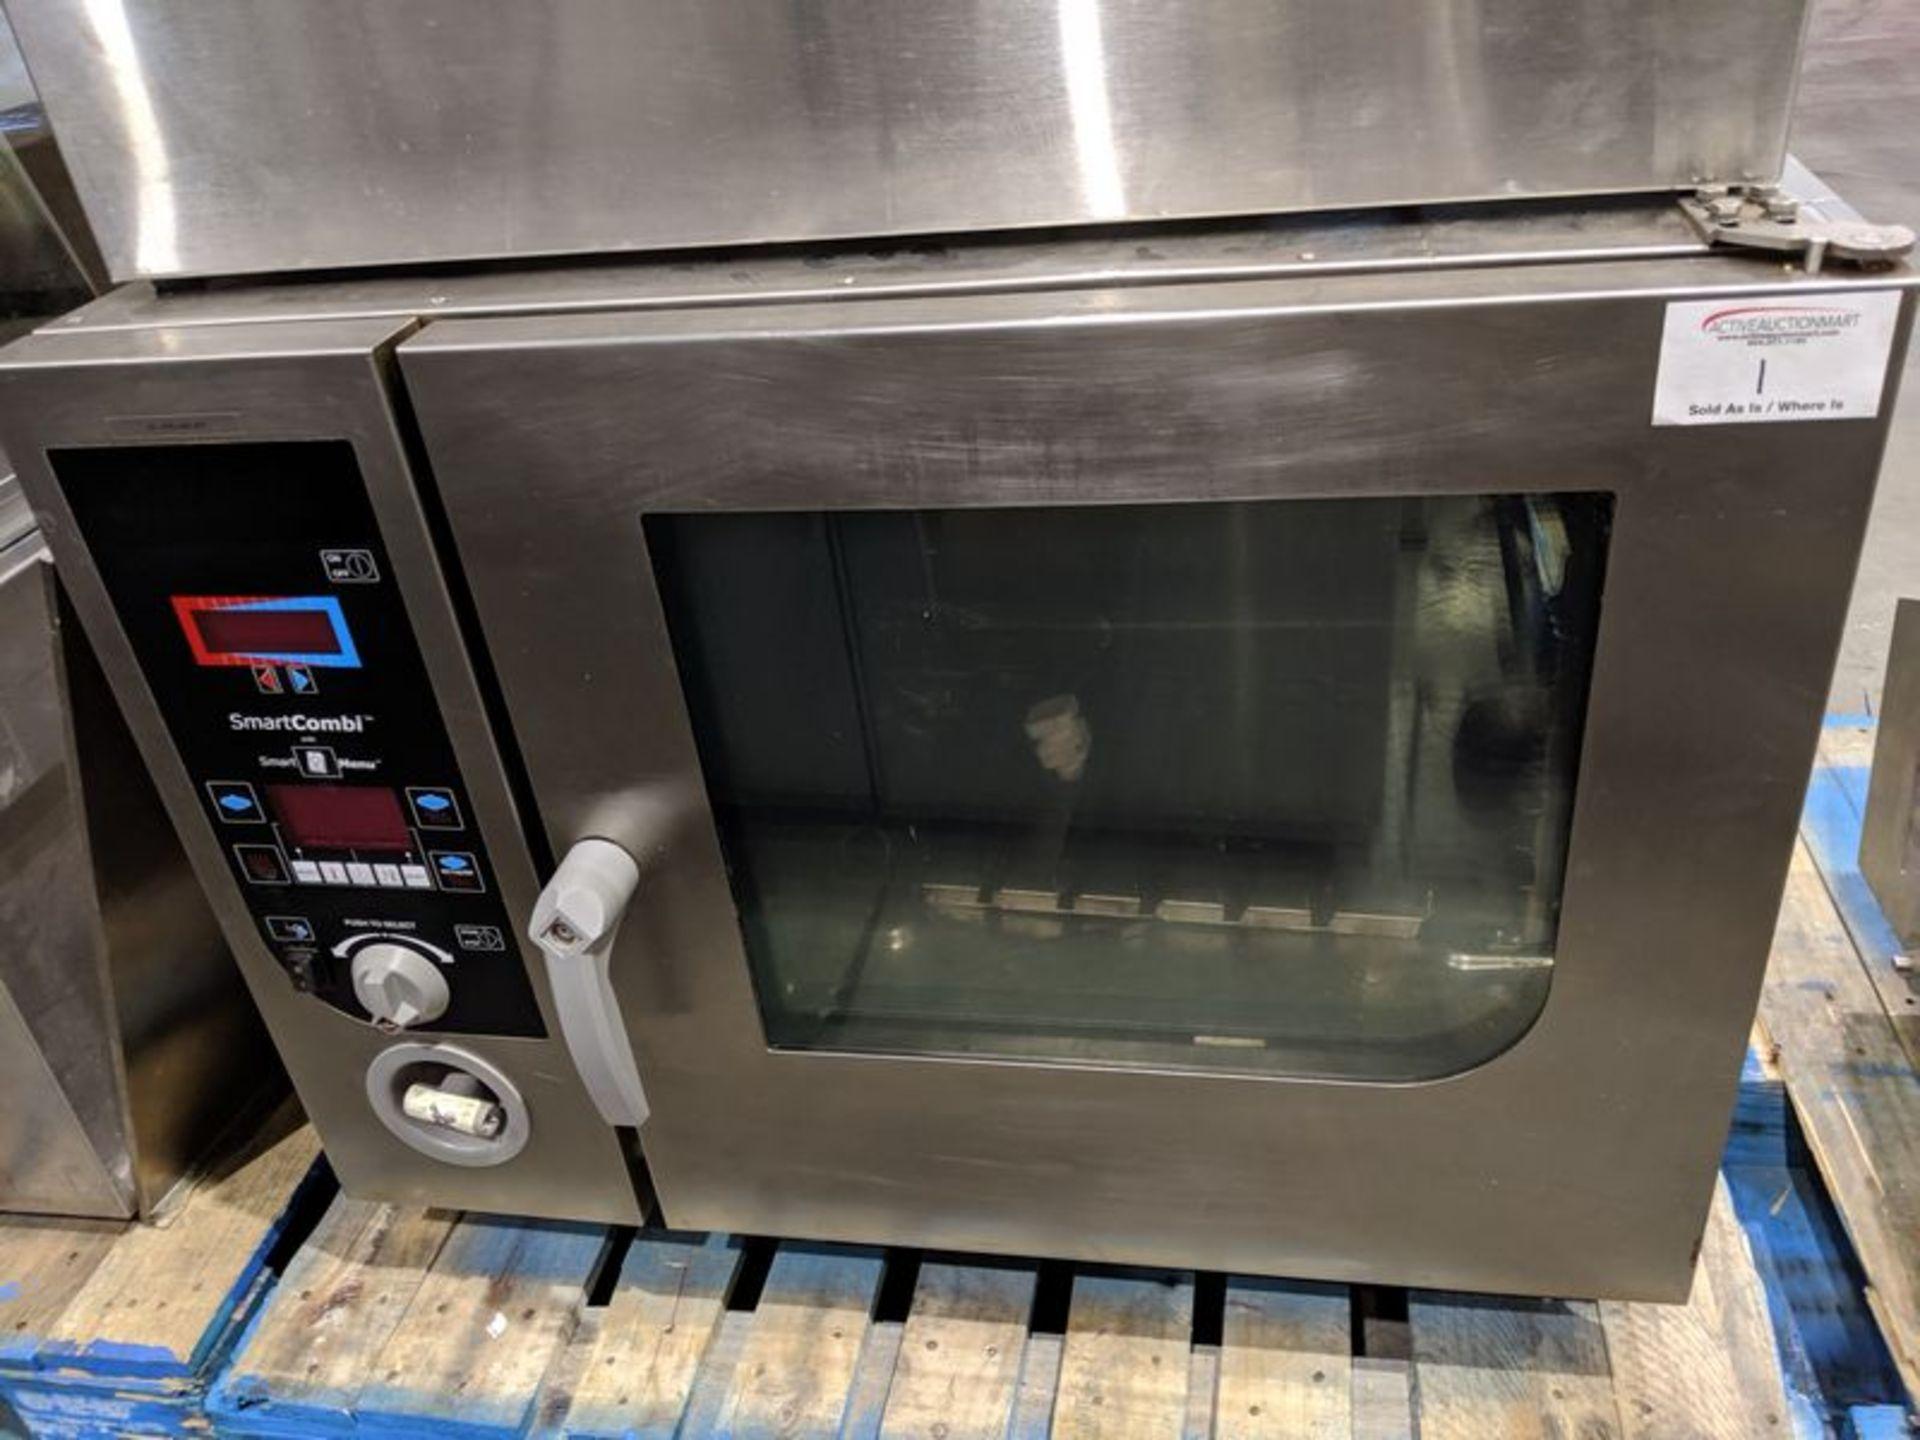 Lot 1 - Henny Penny Model ESC-615 Smart Combi Oven